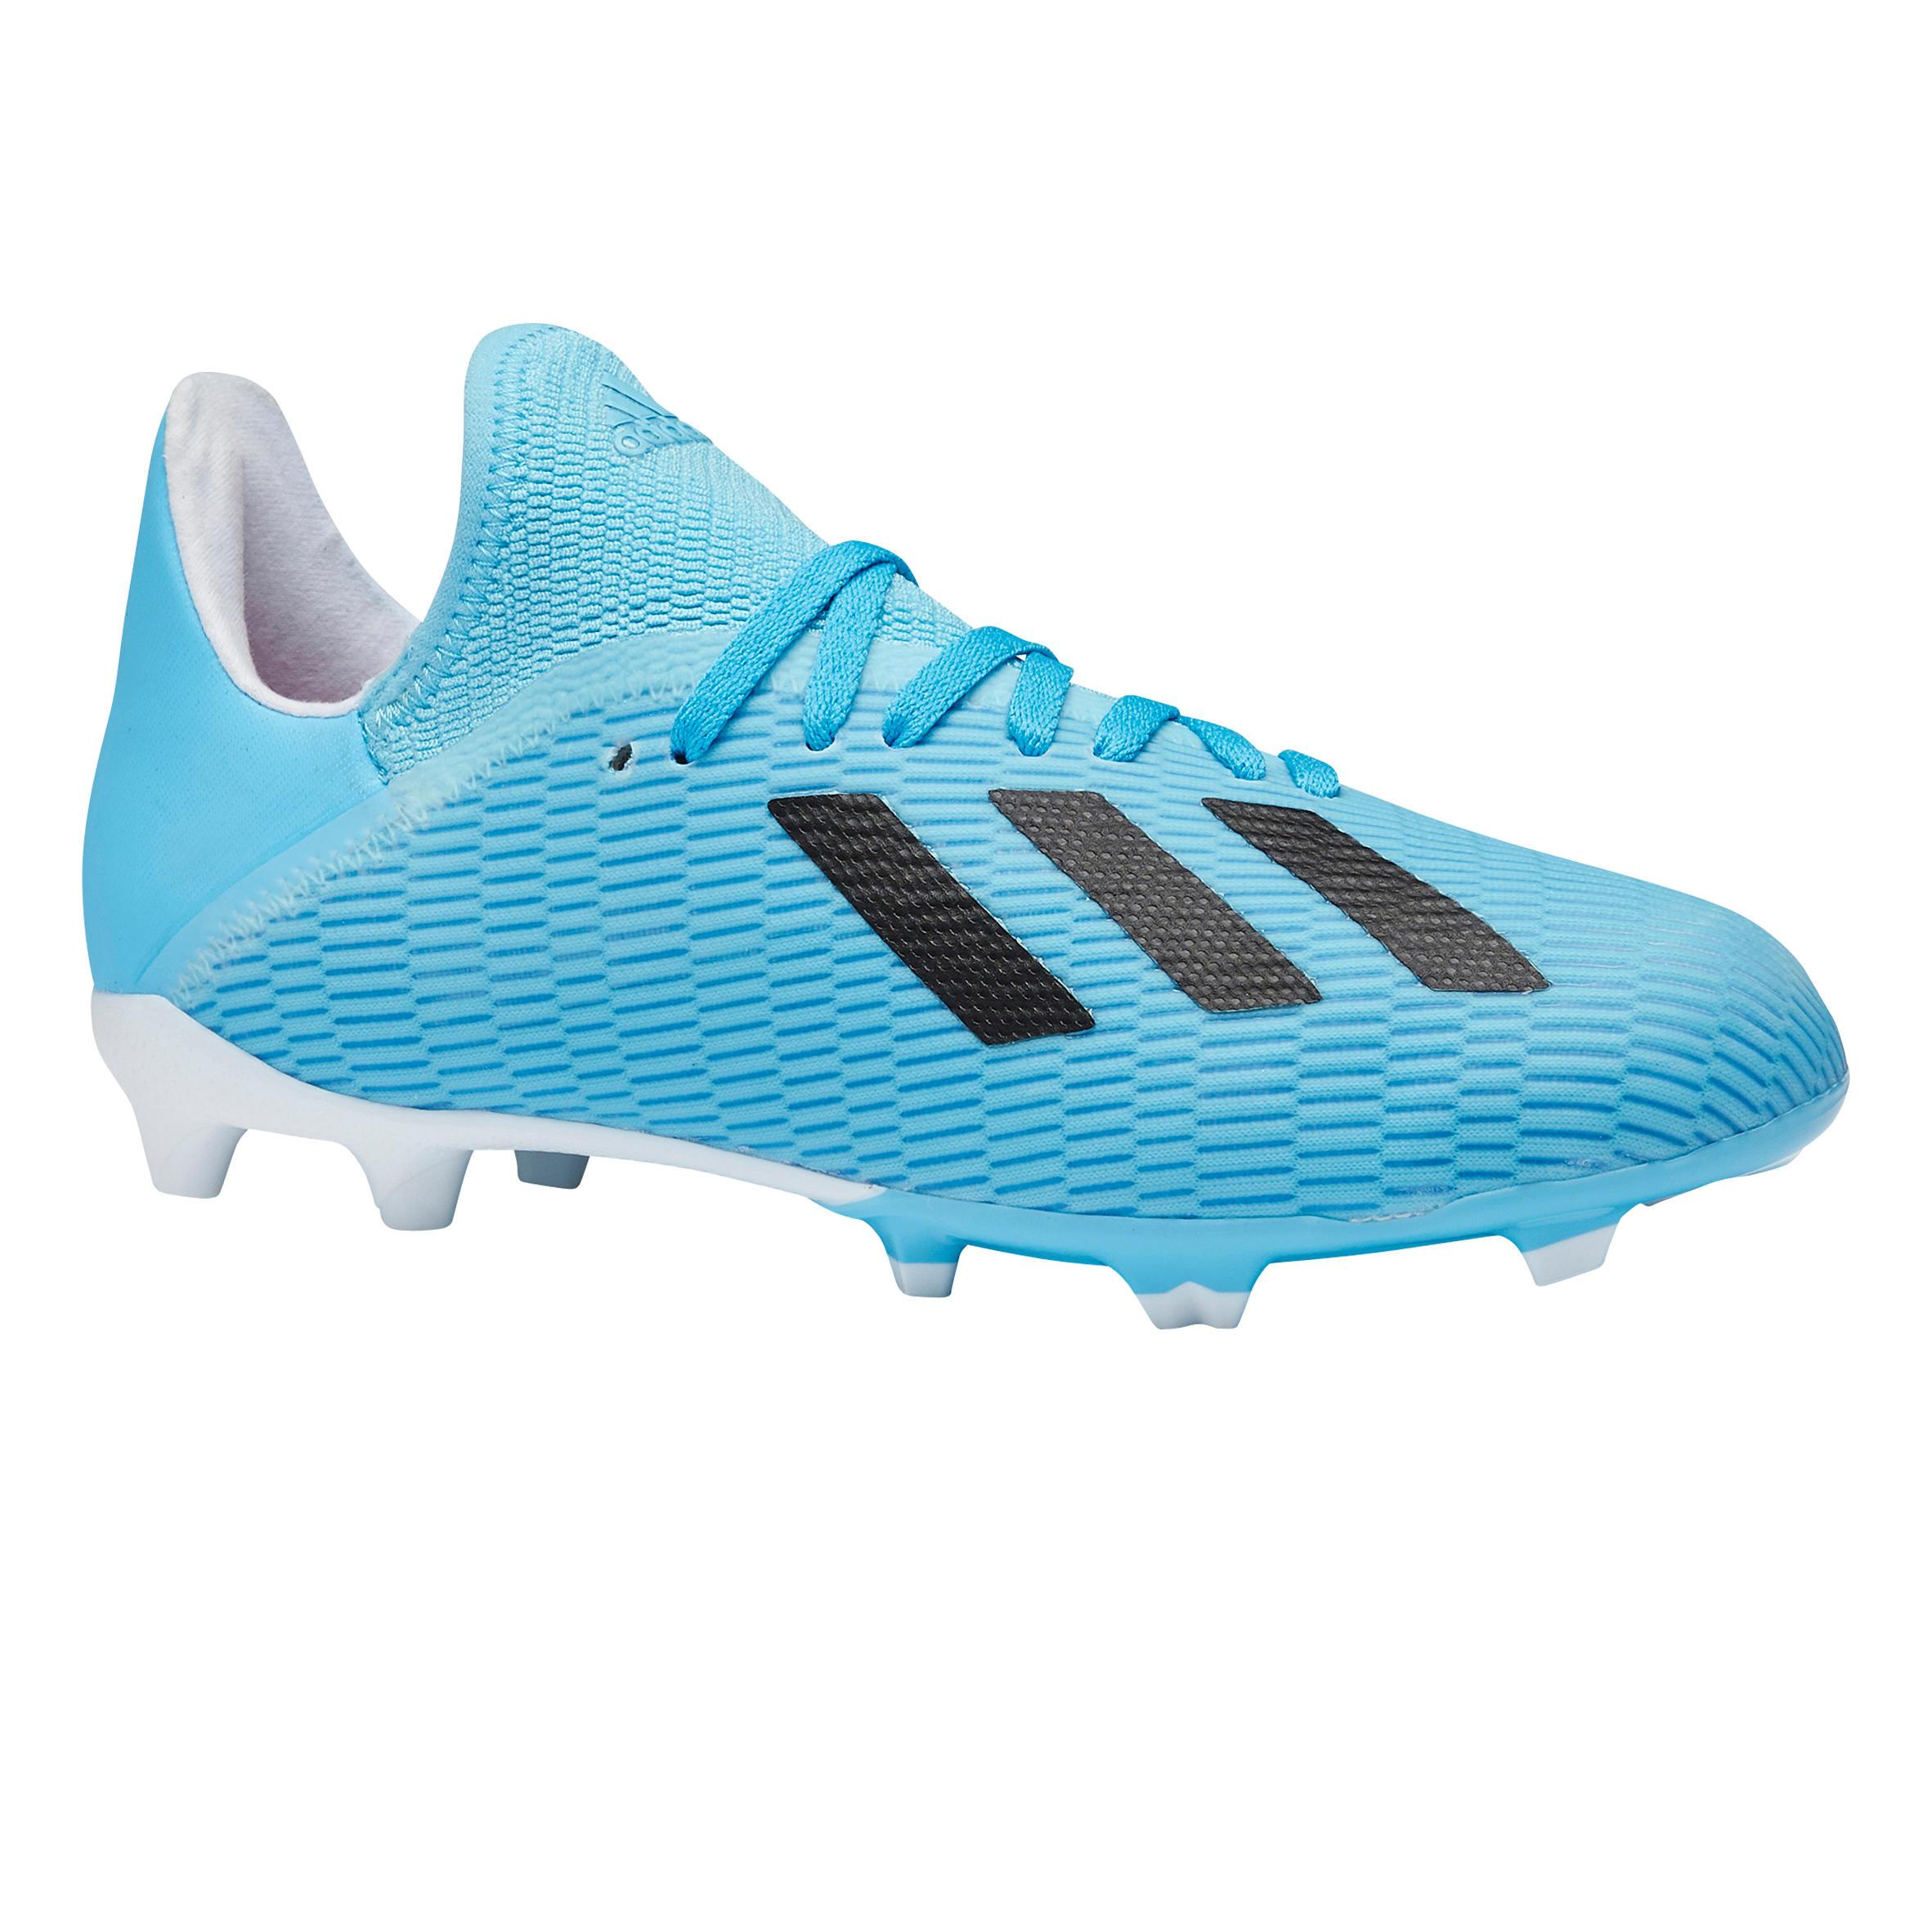 circuito Bailarín esencia  botas futbol 7 adidas - Tienda Online de Zapatos, Ropa y Complementos de  marca